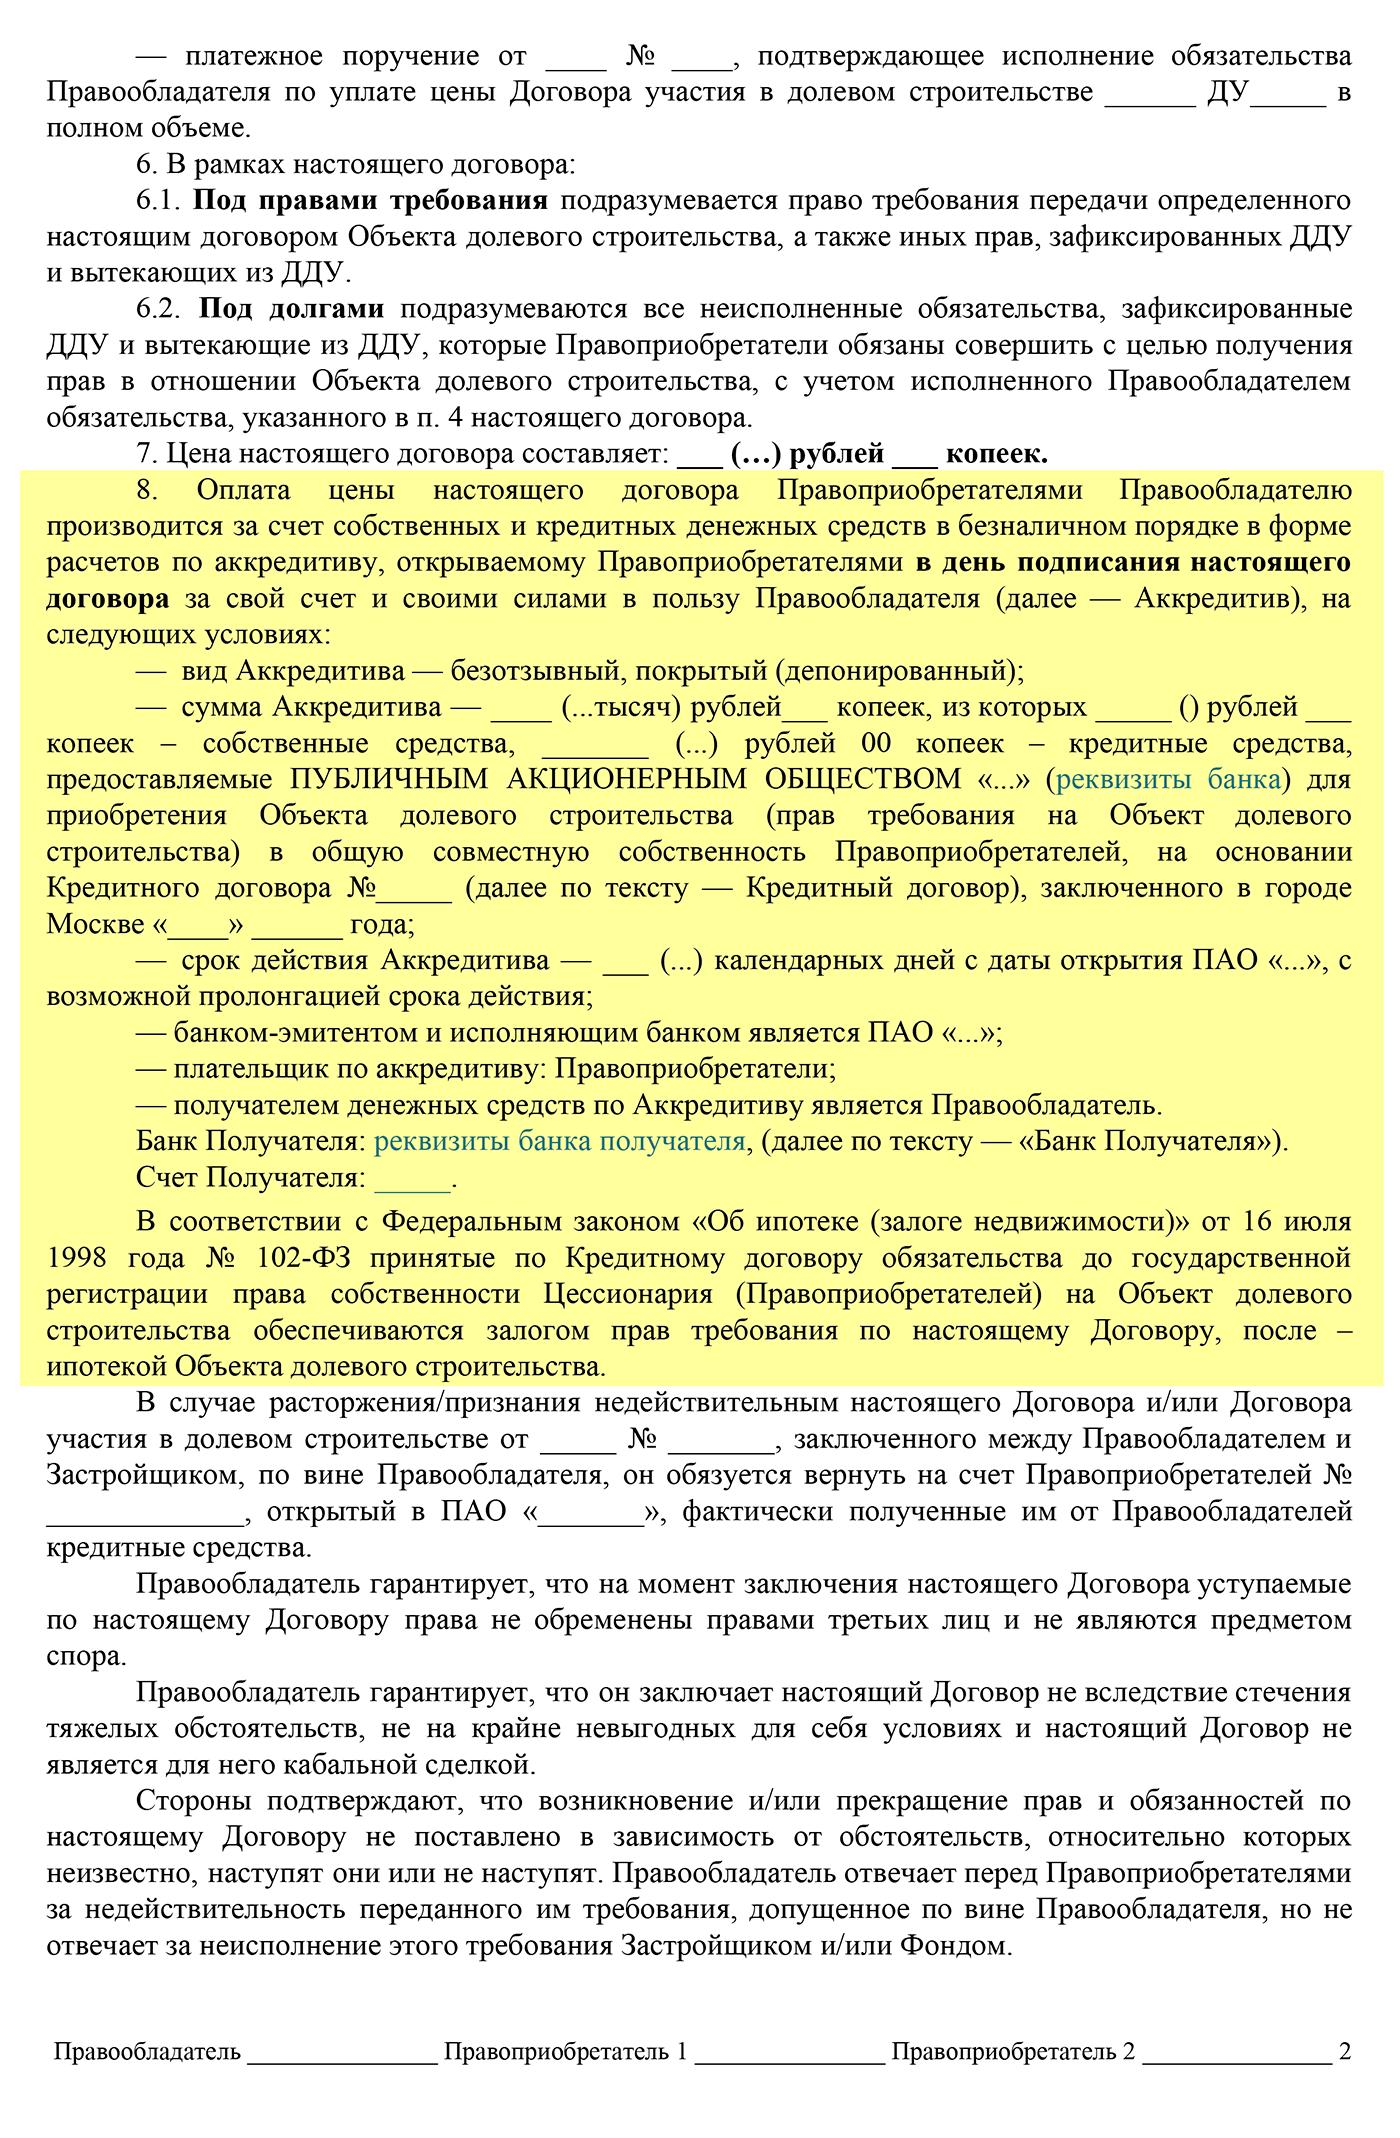 Это страницы измоего договора ипервоначального шаблона, чтобы можно было сравнить, как юрист адаптировал его дляменя. Например, витоговом документе порекомендациям юриста более детально прописана цена договора иусловия оплаты